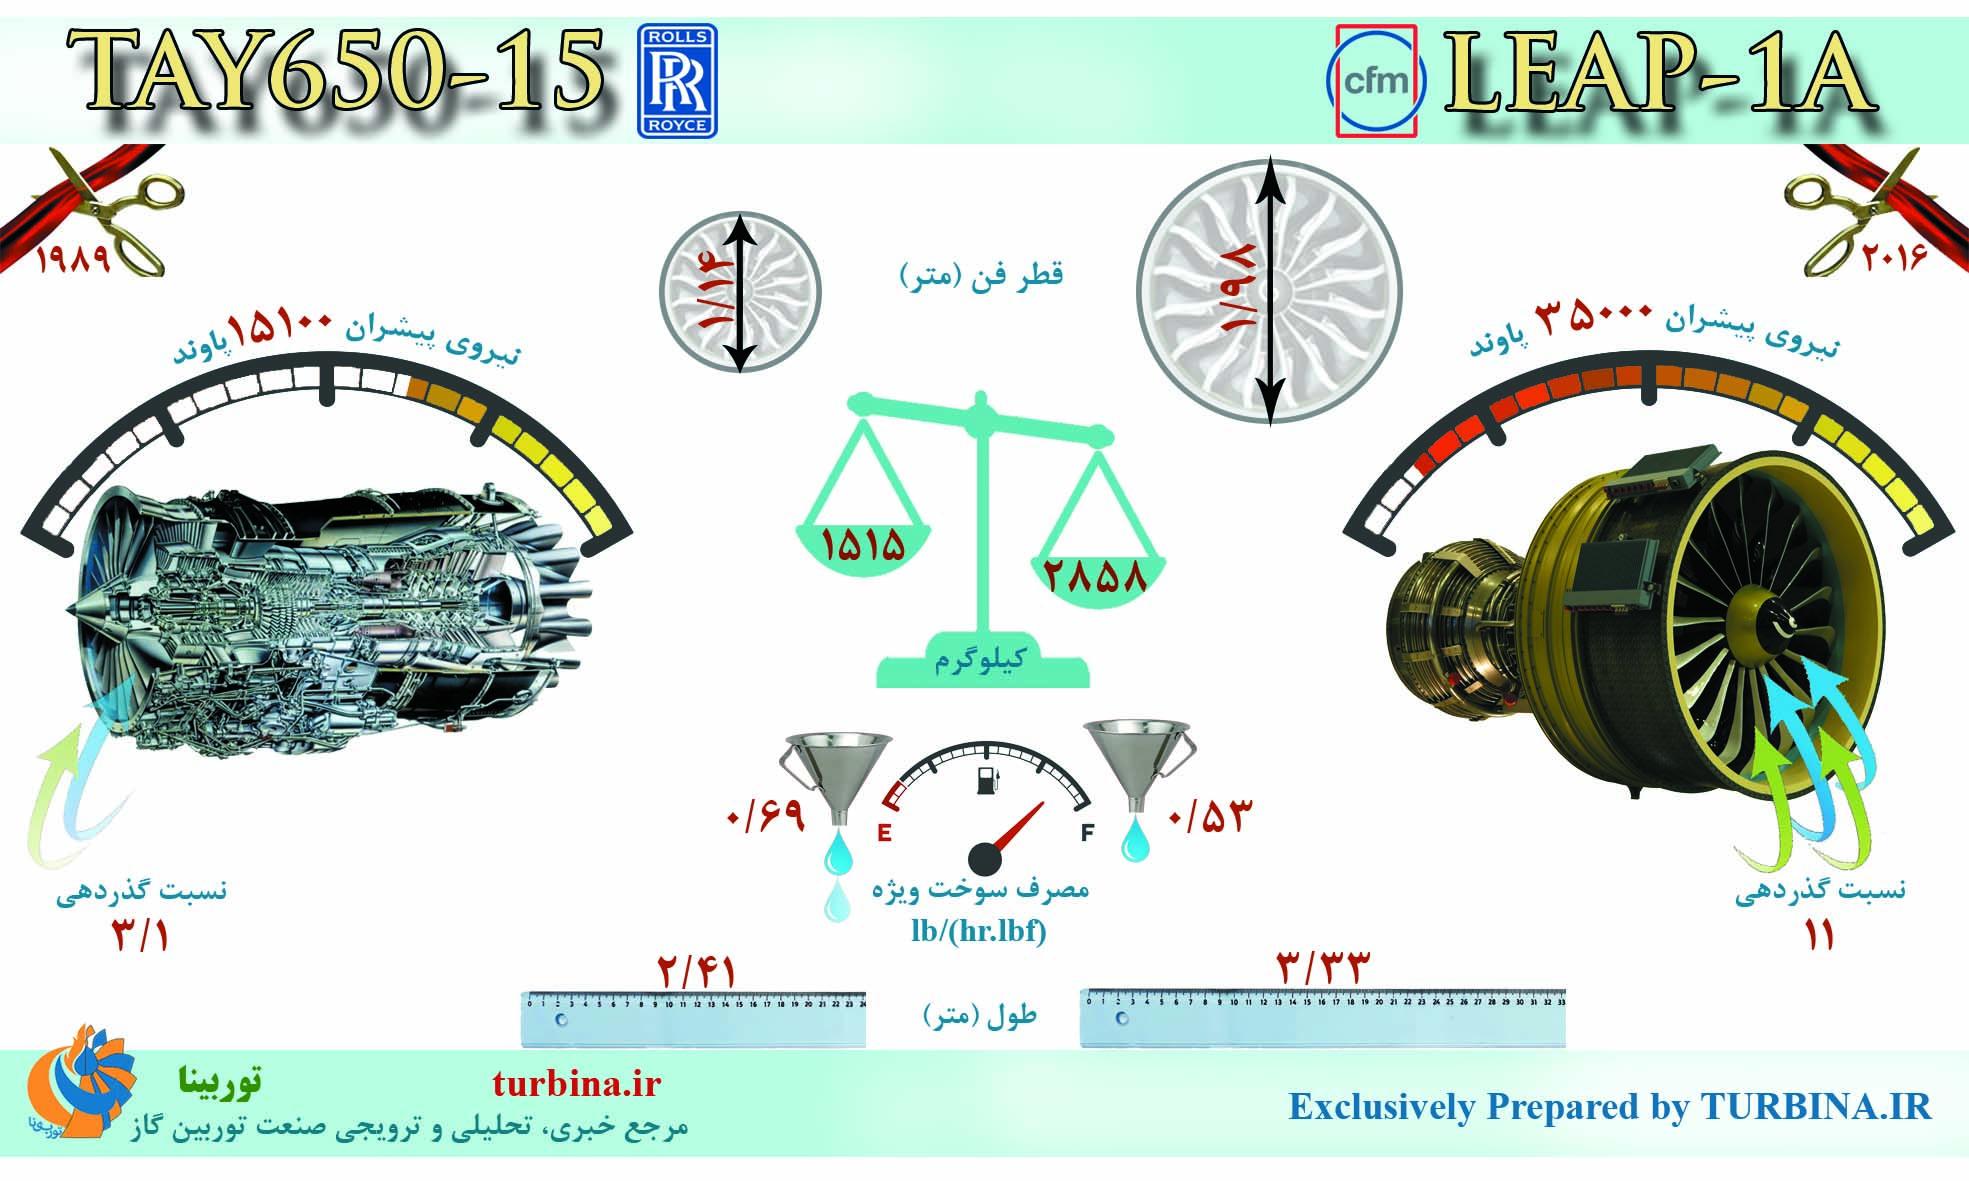 مقایسه موتورهای TAY650-15 و LEAP-1A